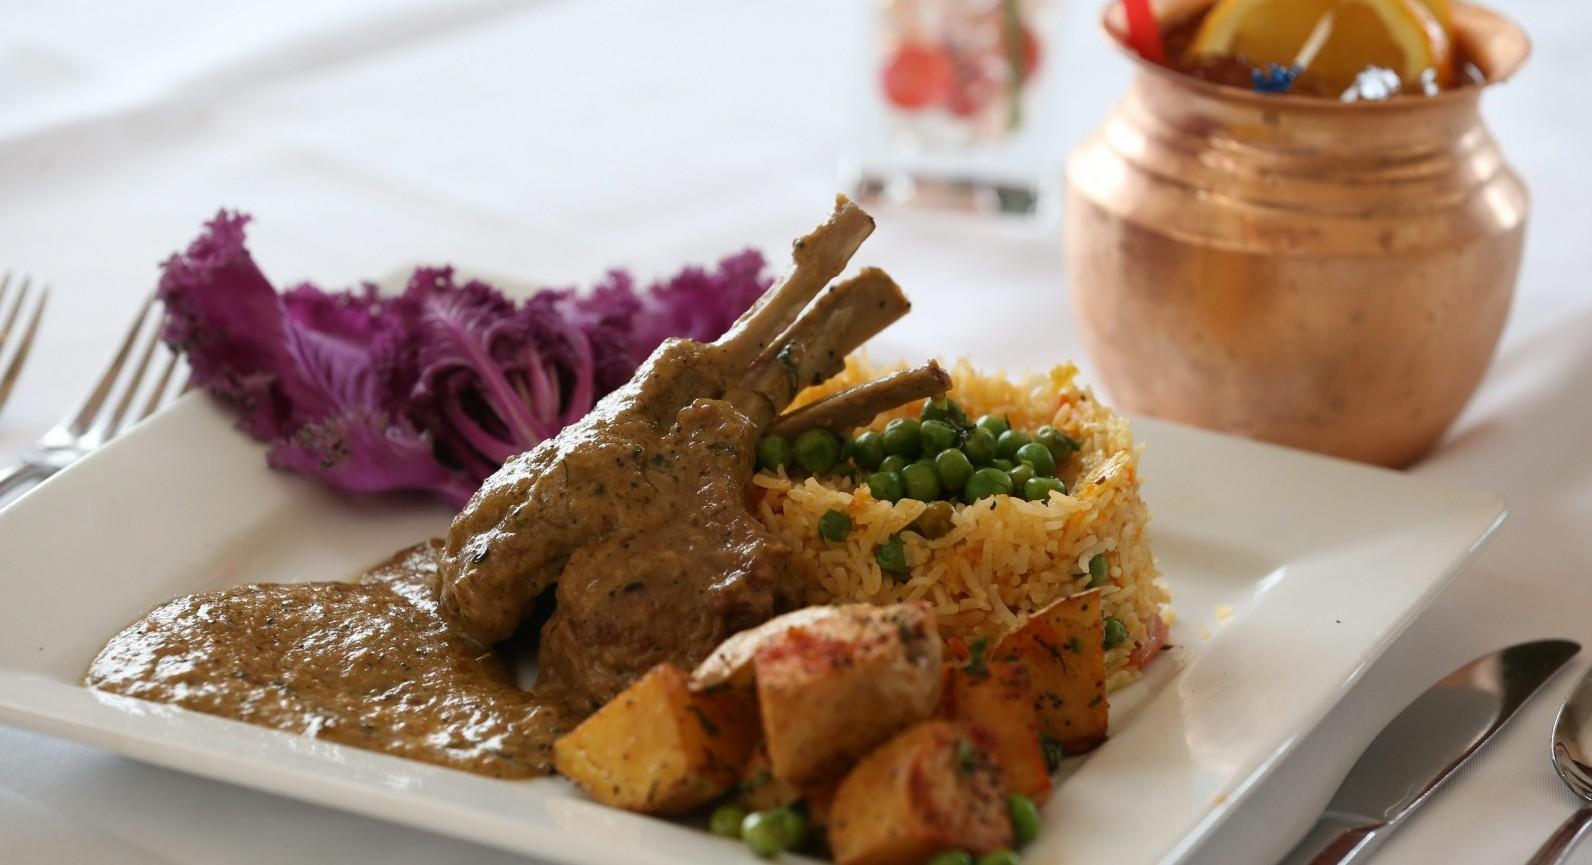 Pan-seared juicy lamb chops marinated in fresh ginger and exotic herbs from Tandoori's. (Sharon Cantillon/Buffalo News)